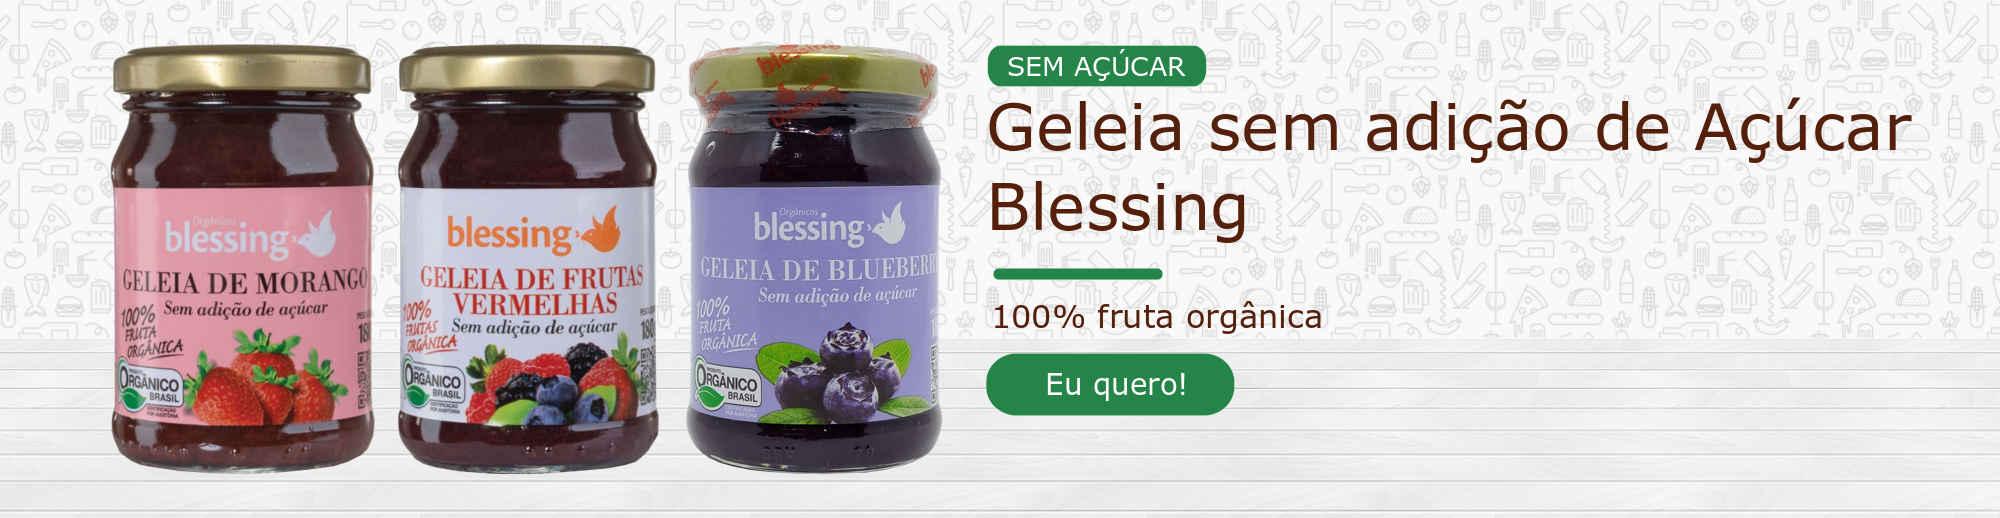 Geleia Blessing Sem Açúcar